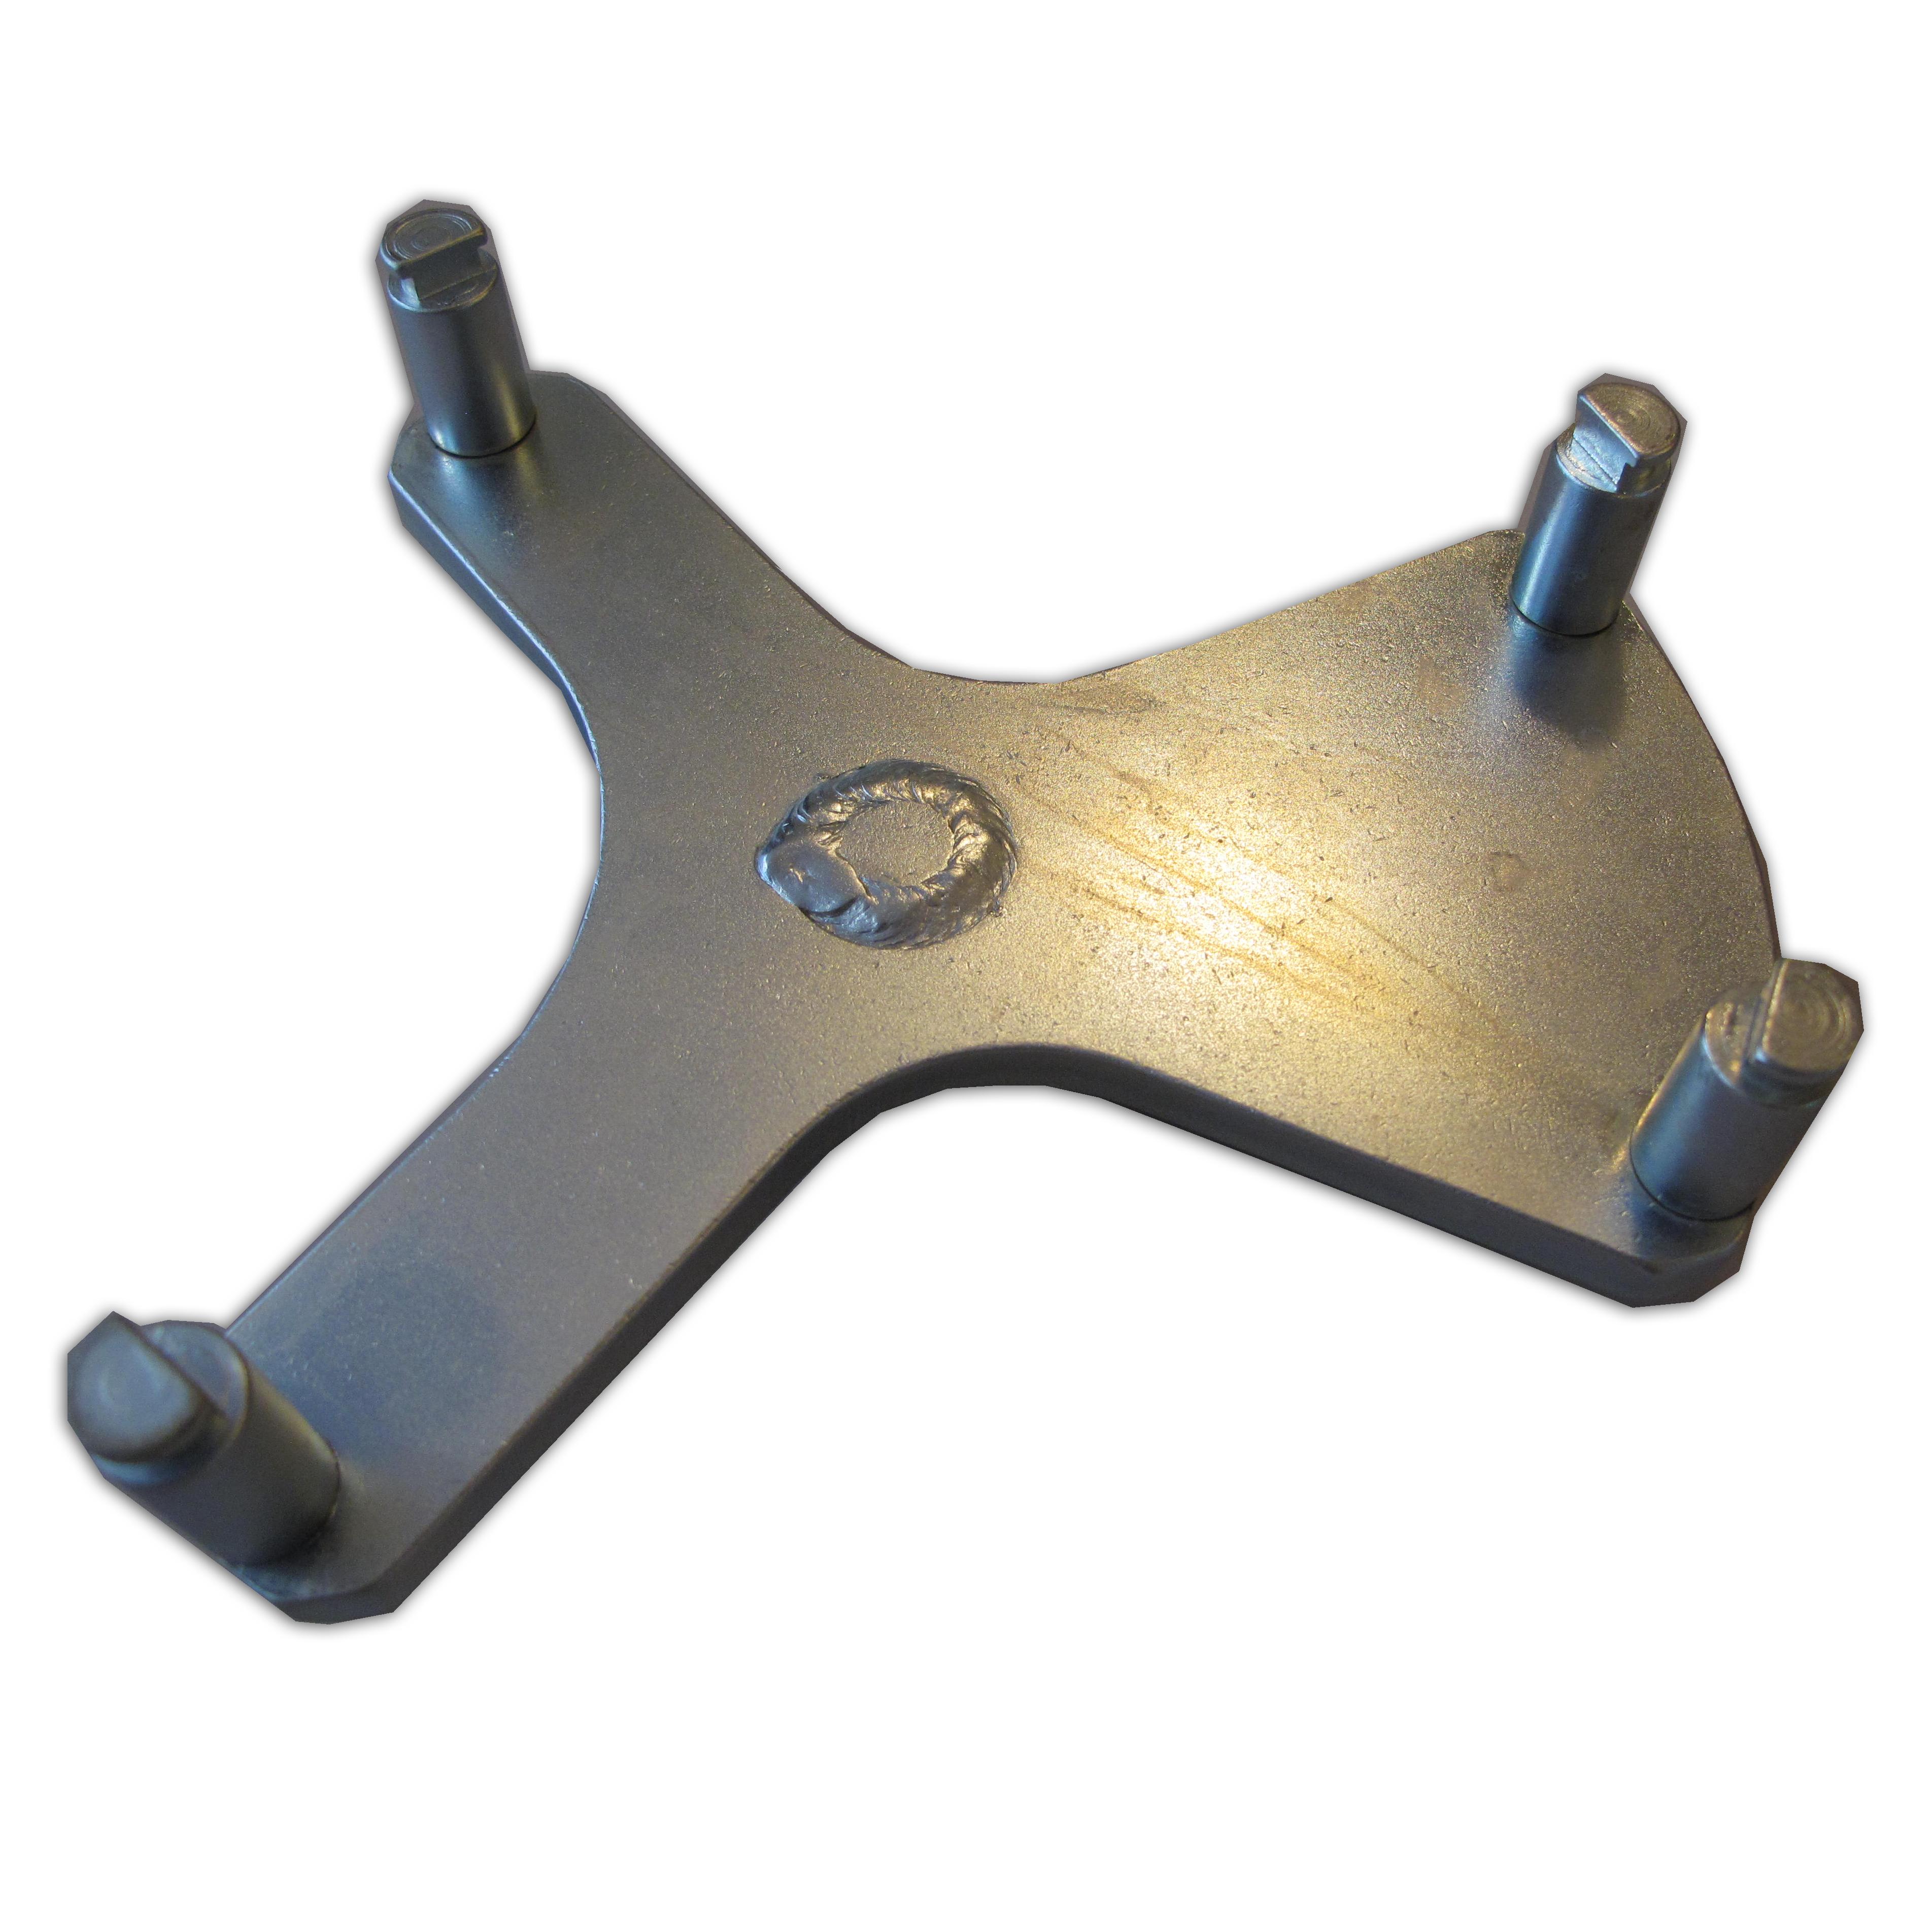 Сервисный ключ крышки колбы насоса BMW F01 Car-Tool CT-A1385